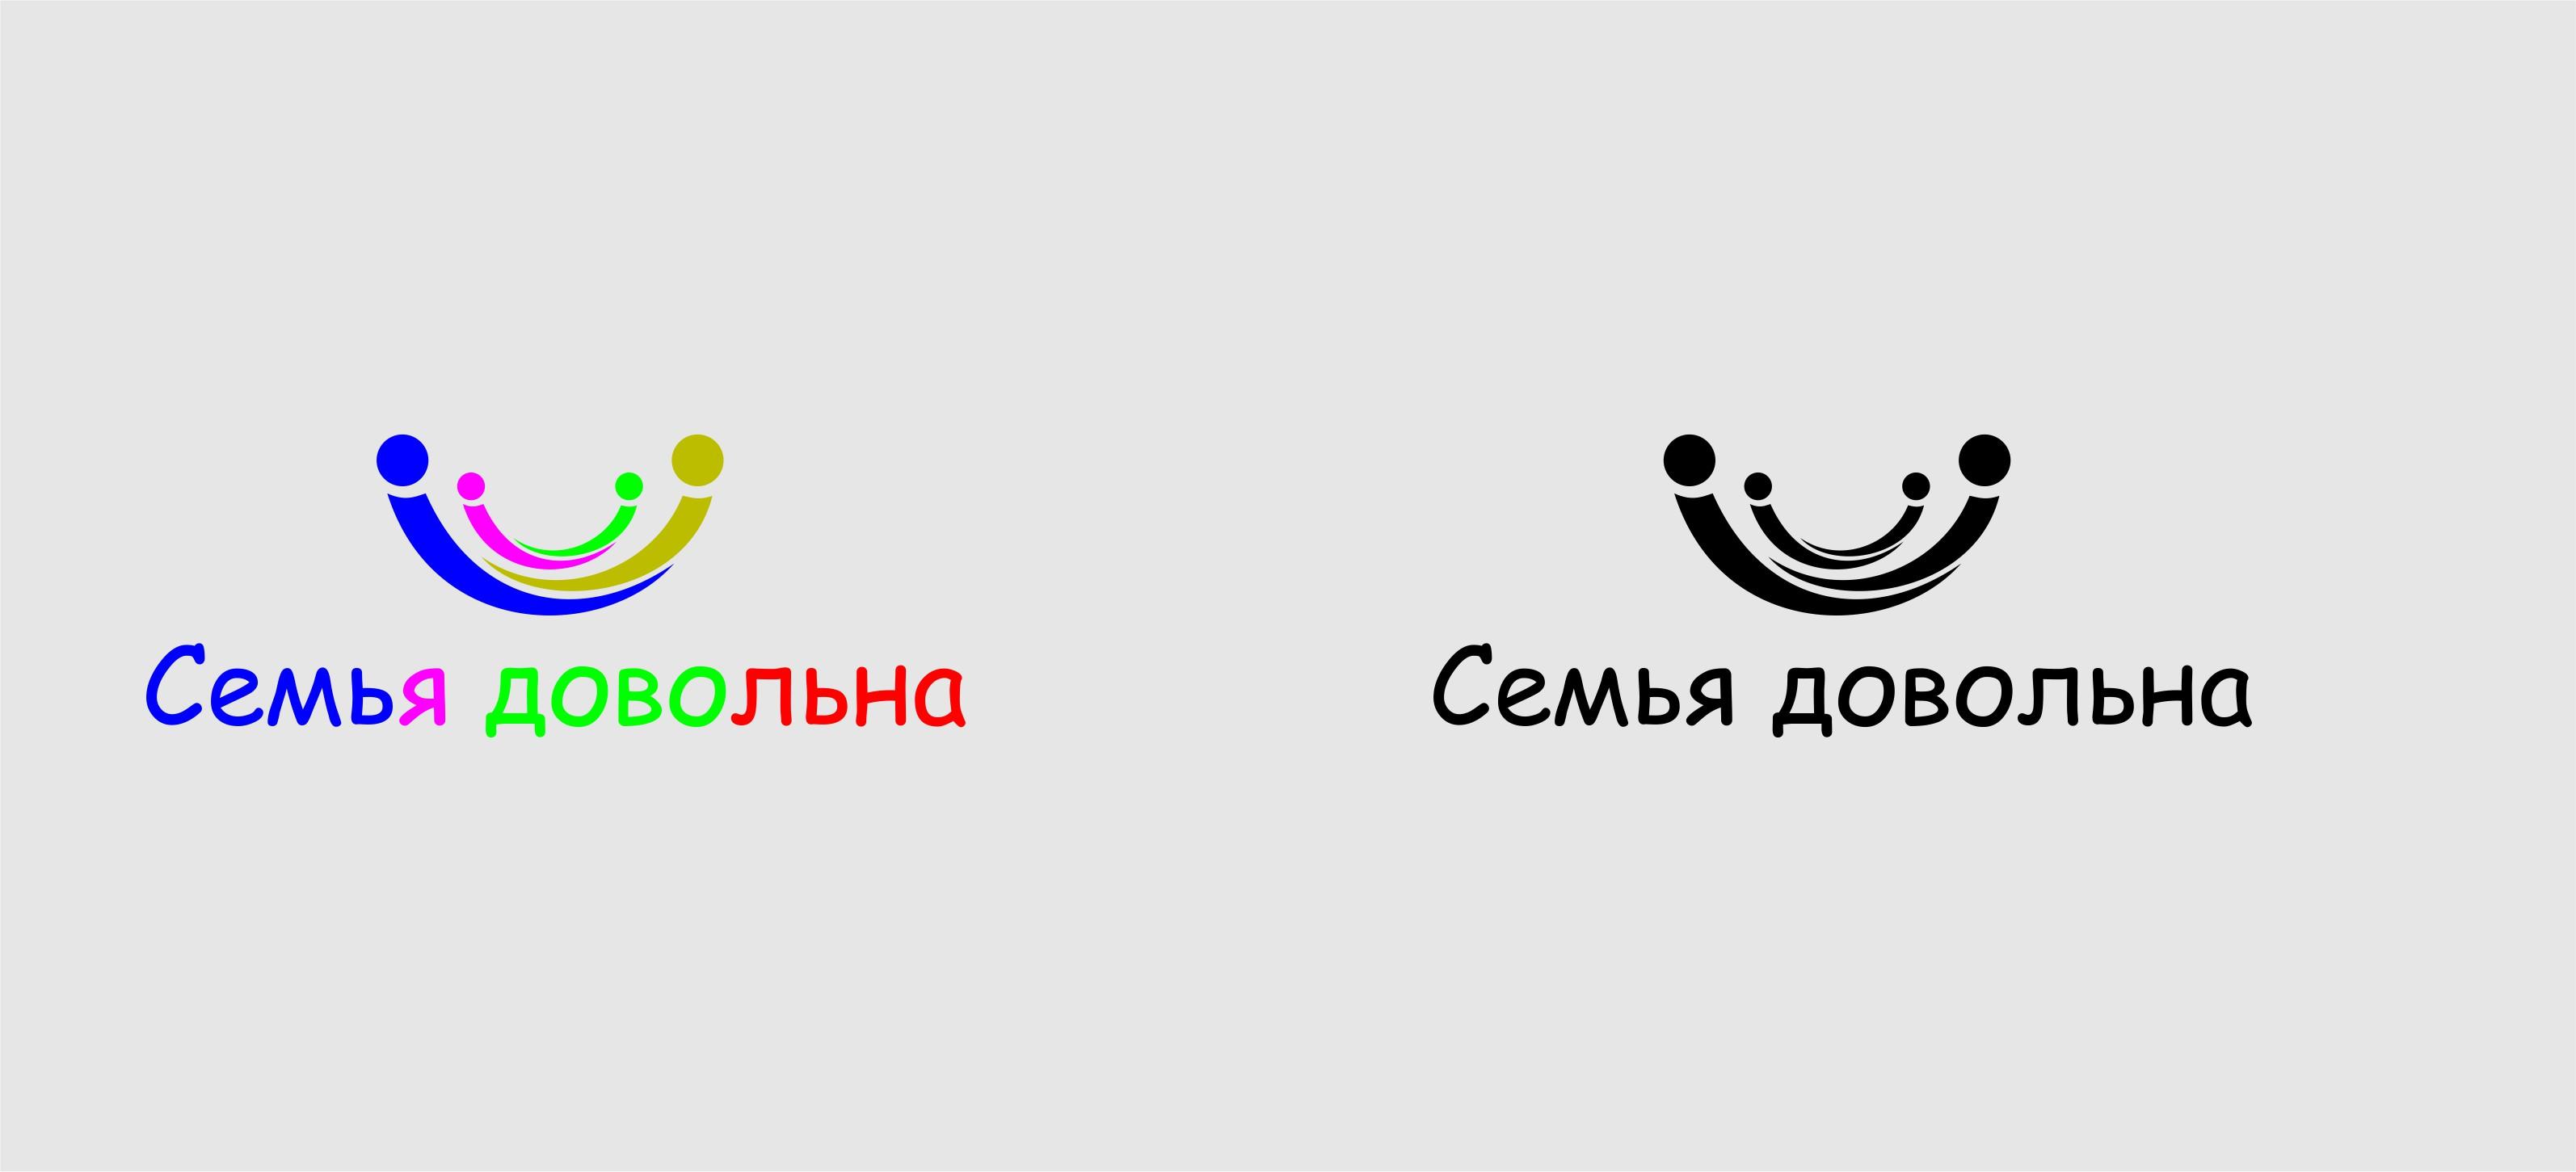 """Разработайте логотип для торговой марки """"Семья довольна"""" фото f_627596c5f09d3f0c.jpg"""